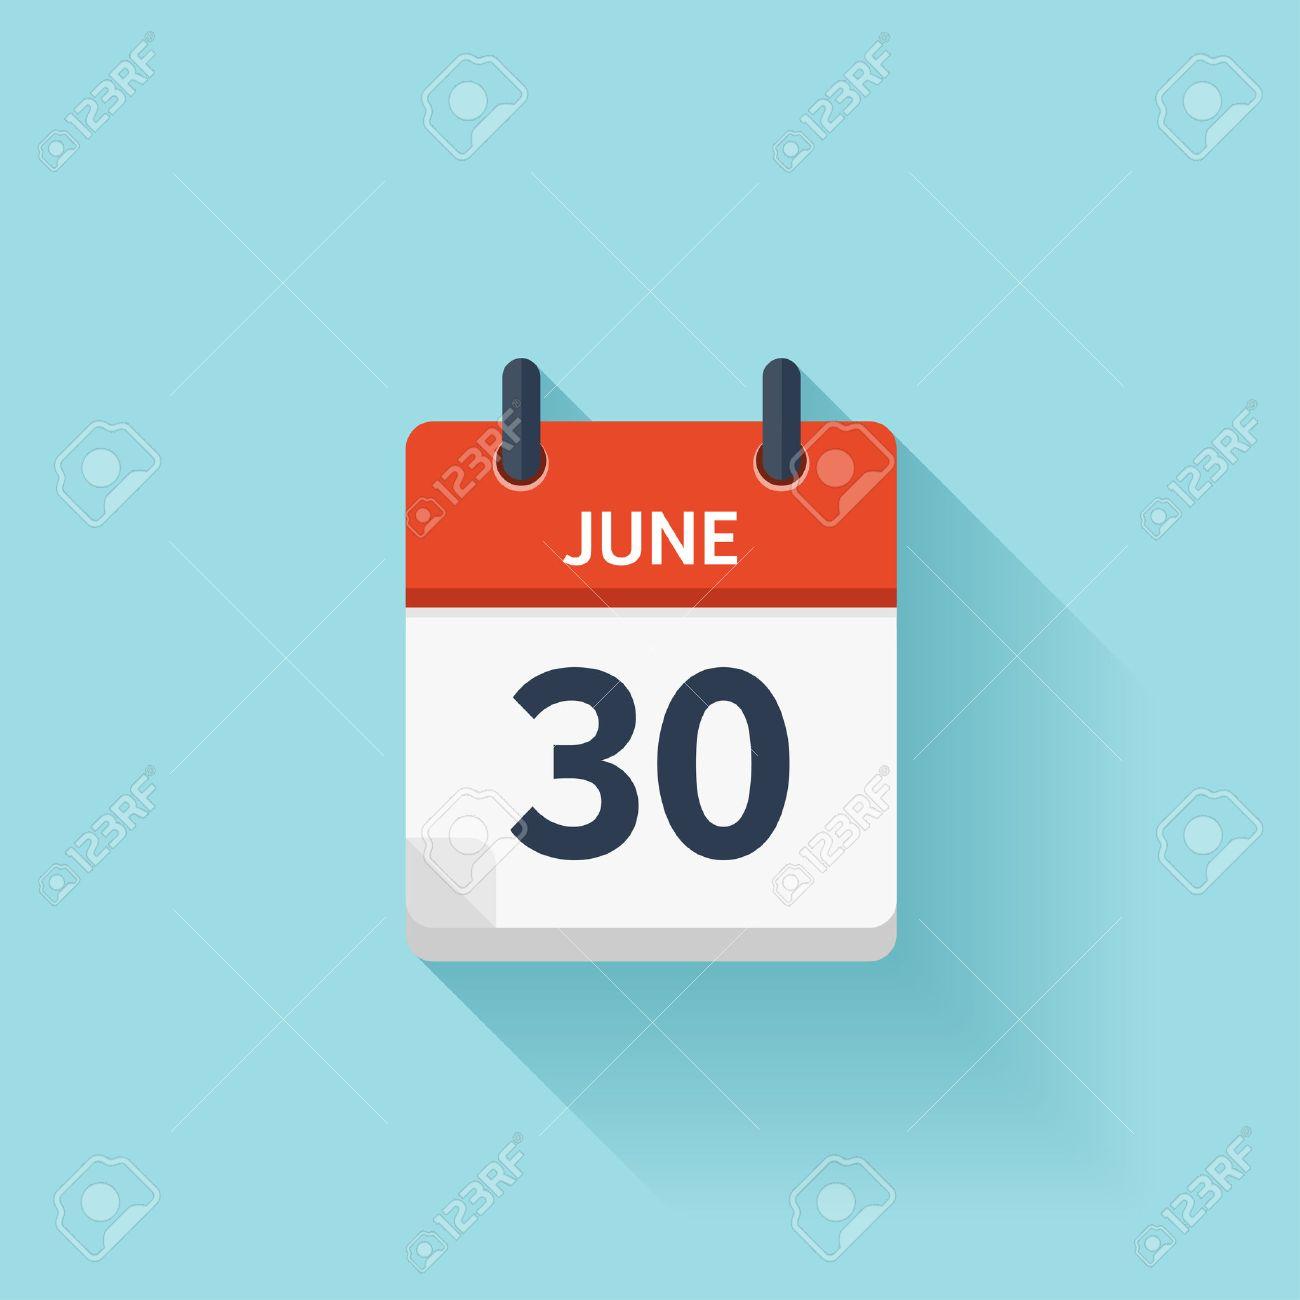 Calendario Vectores.30 De Junio Vector Plana Icono De Calendario Diario Fecha Y Hora Dia Mes Fiesta